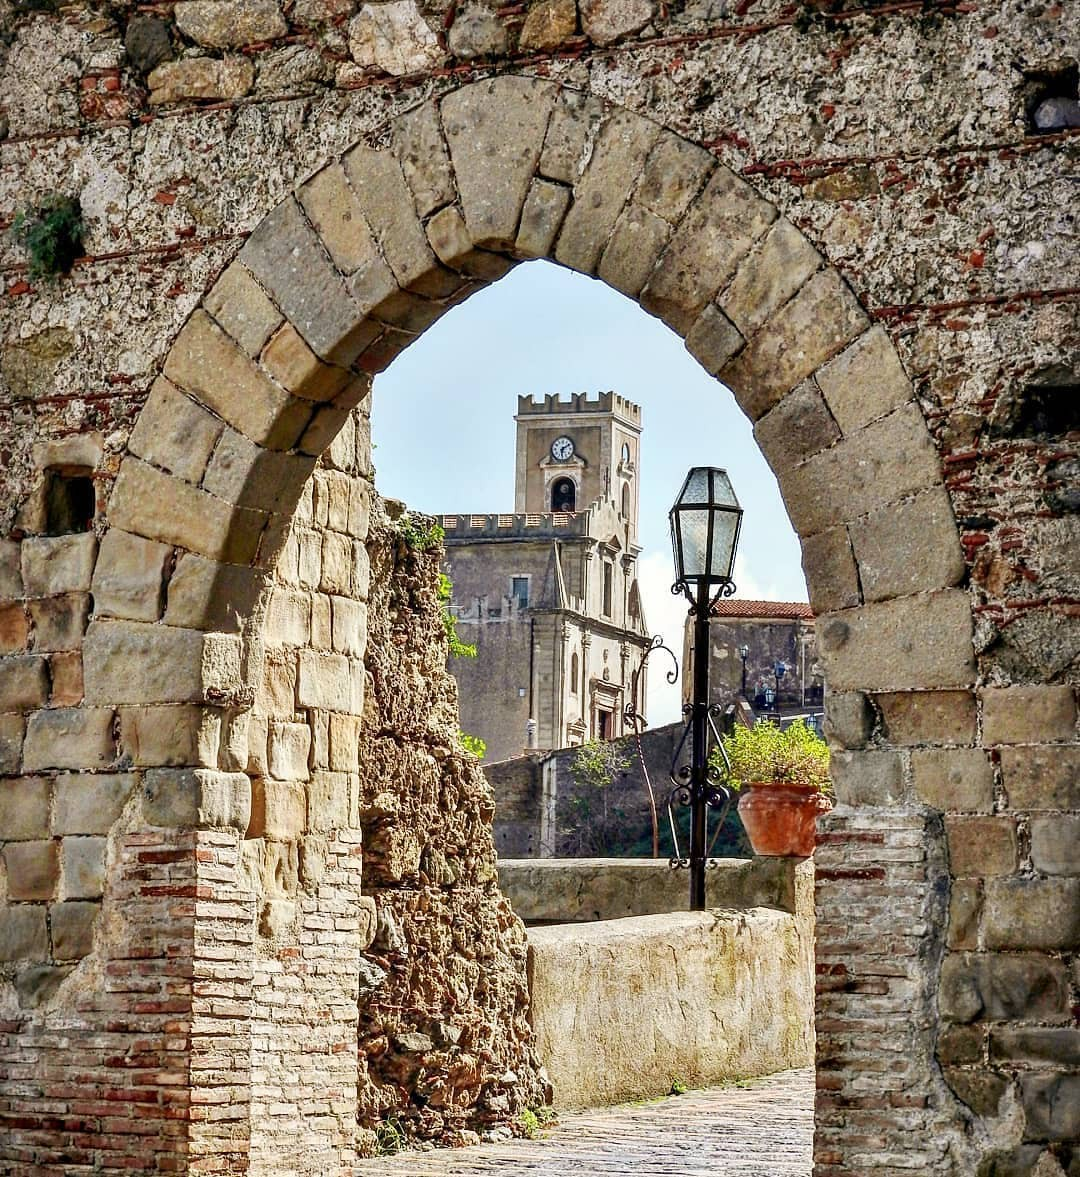 """Có gì tại hòn đảo được mệnh danh là """"thánh địa mafia"""" kì lạ hút hàng triệu du khách mỗi năm ở Ý? - Ảnh 2."""